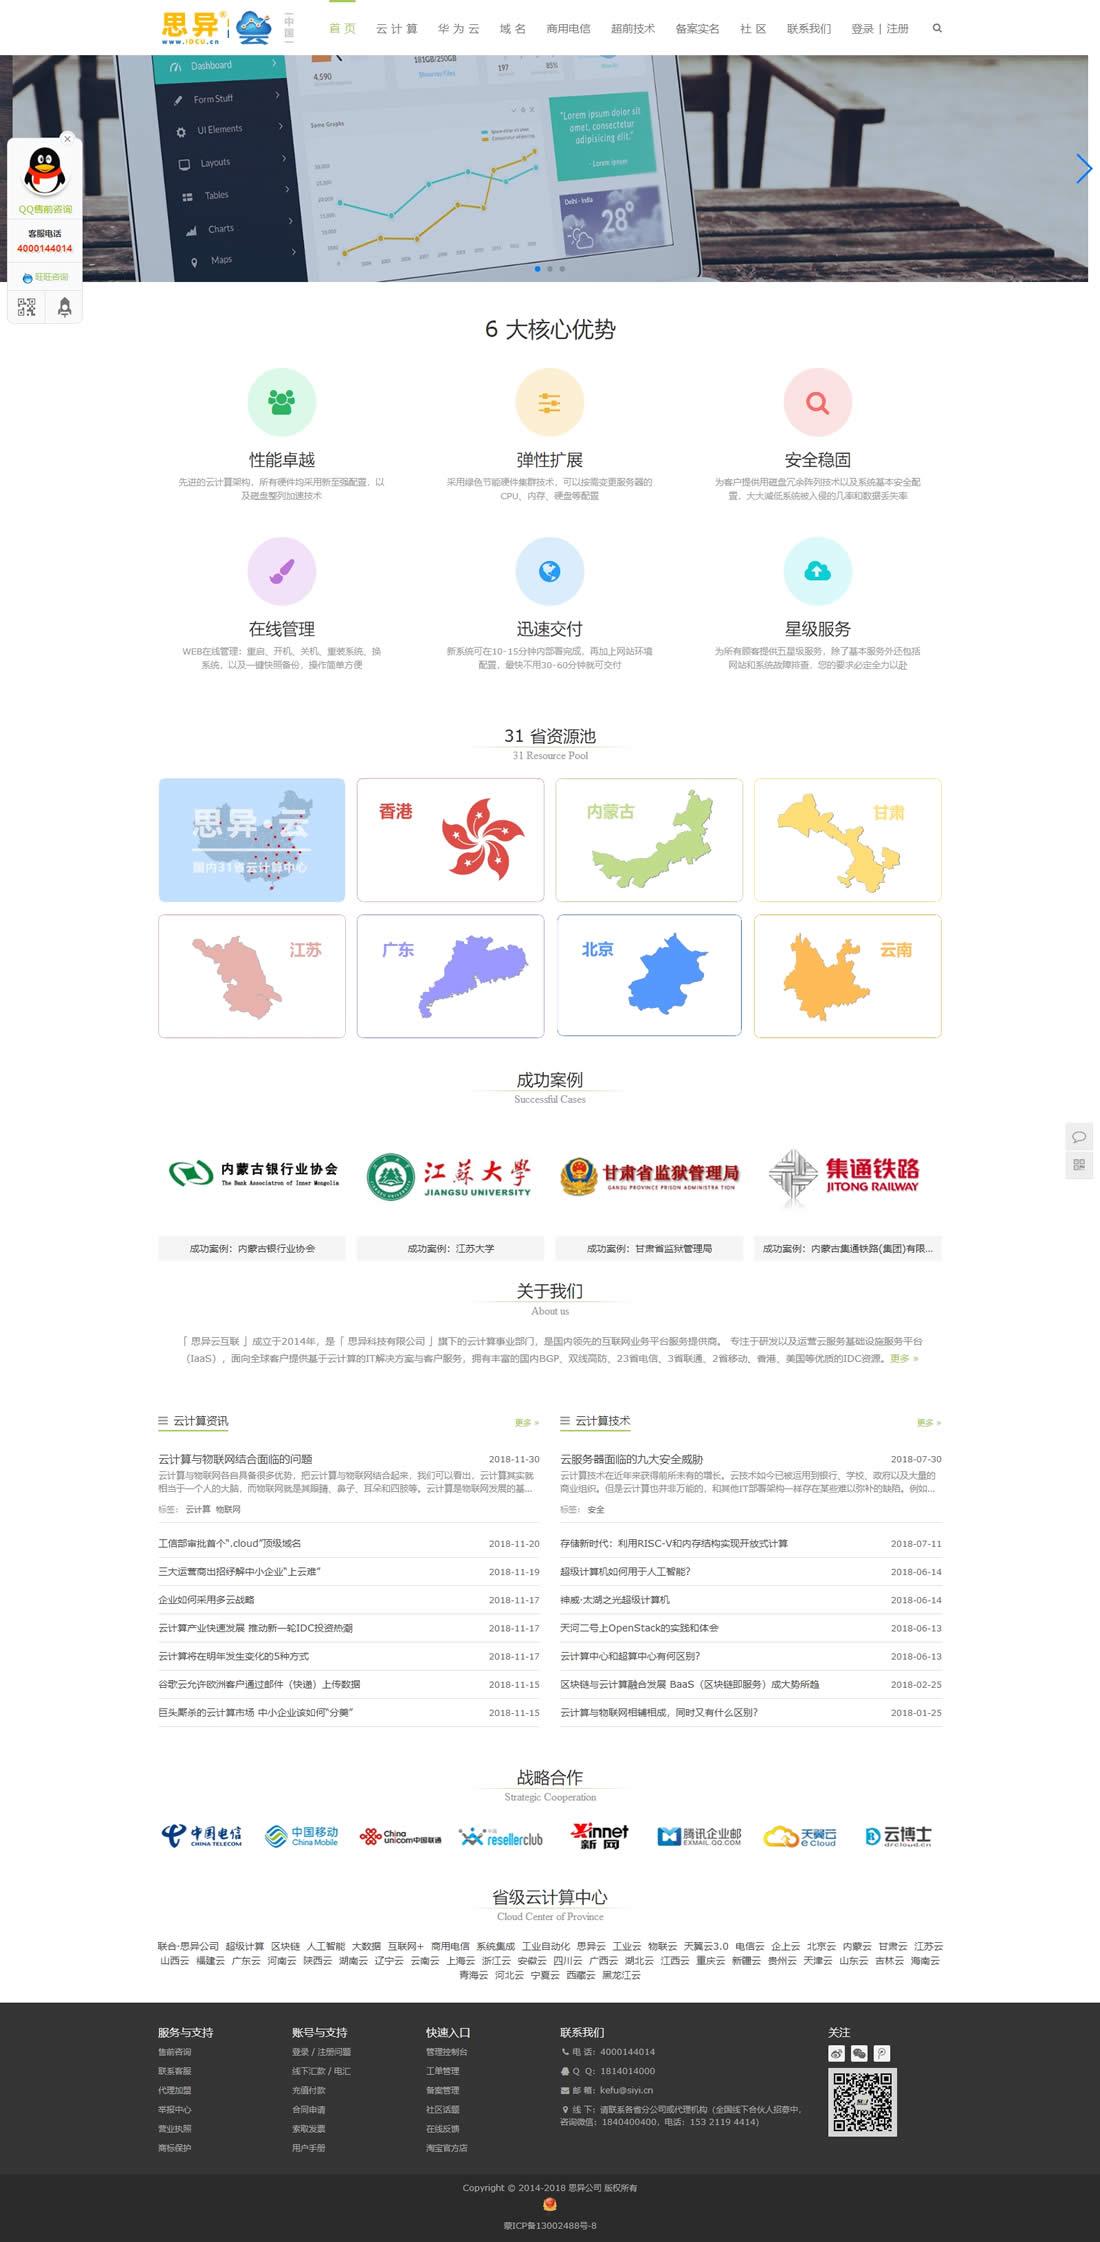 思异科技有限公司旗下「思异云」官方网站正式上线运营啦!